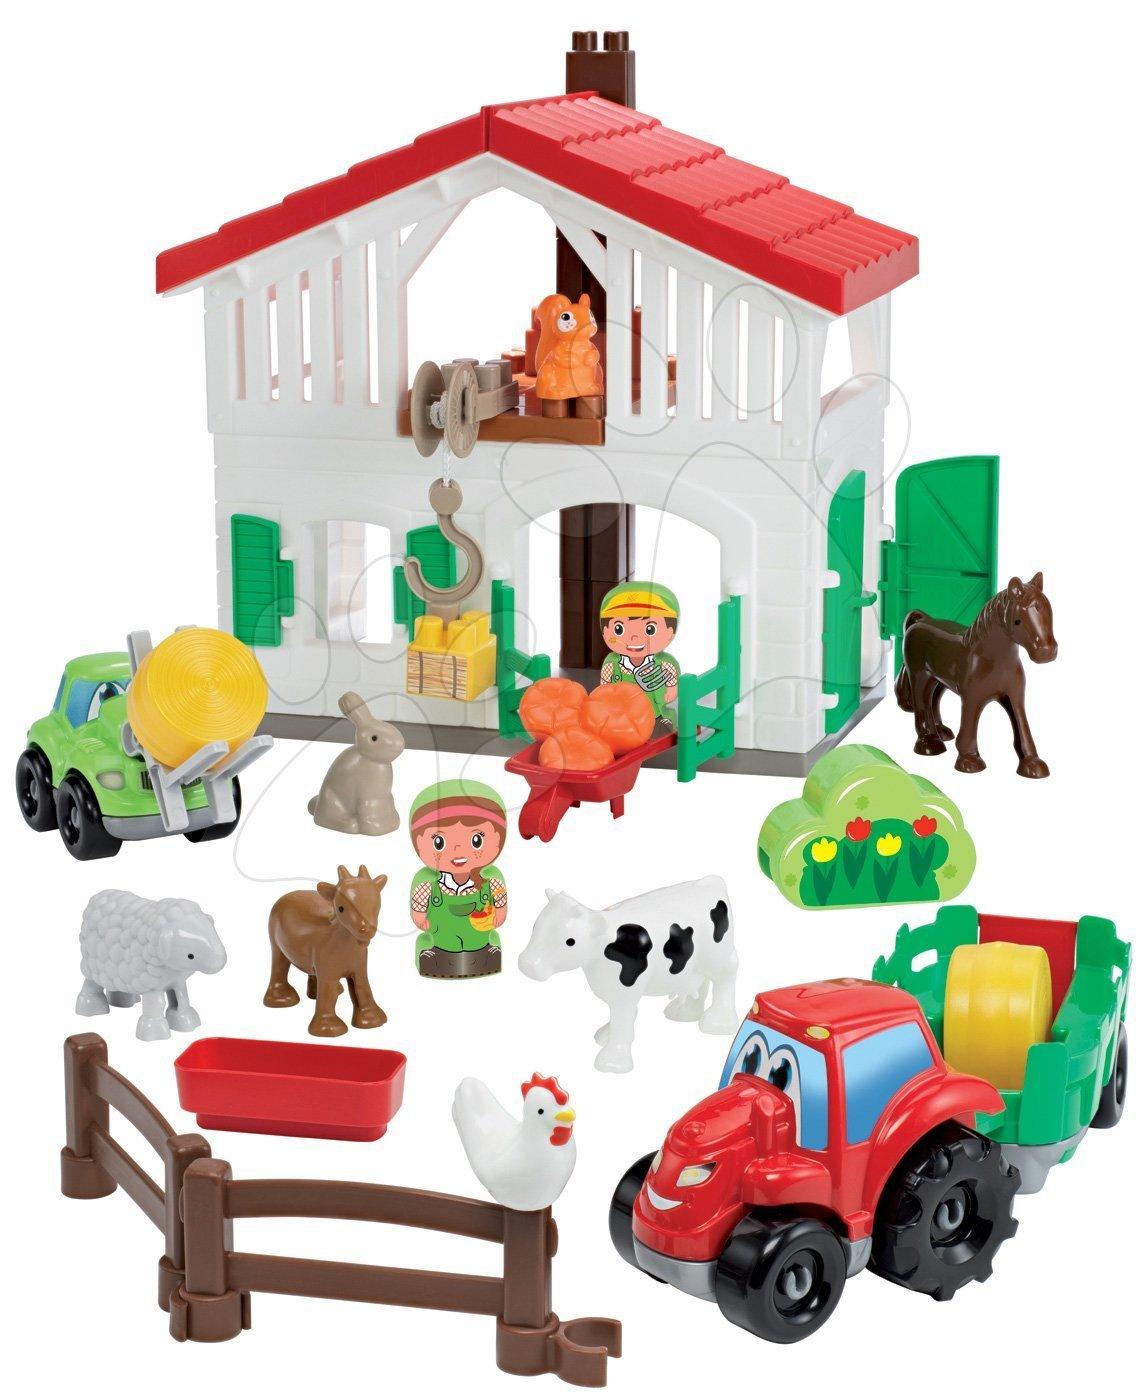 Abrick építőkockák - Építőjáték farm traktorral Abrick Écoiffier 7 állatkával és 2 gazdával 18 hó-tól